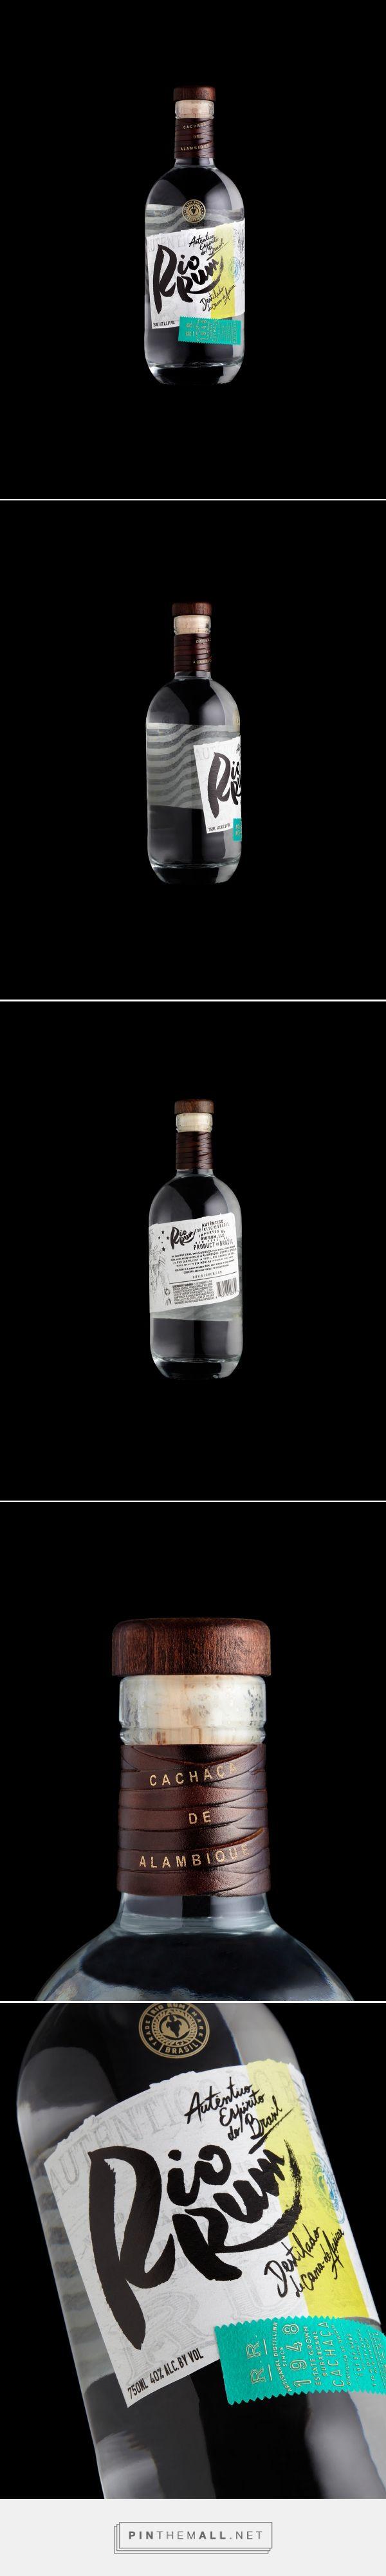 Rio Rum / Stranger & Stranger